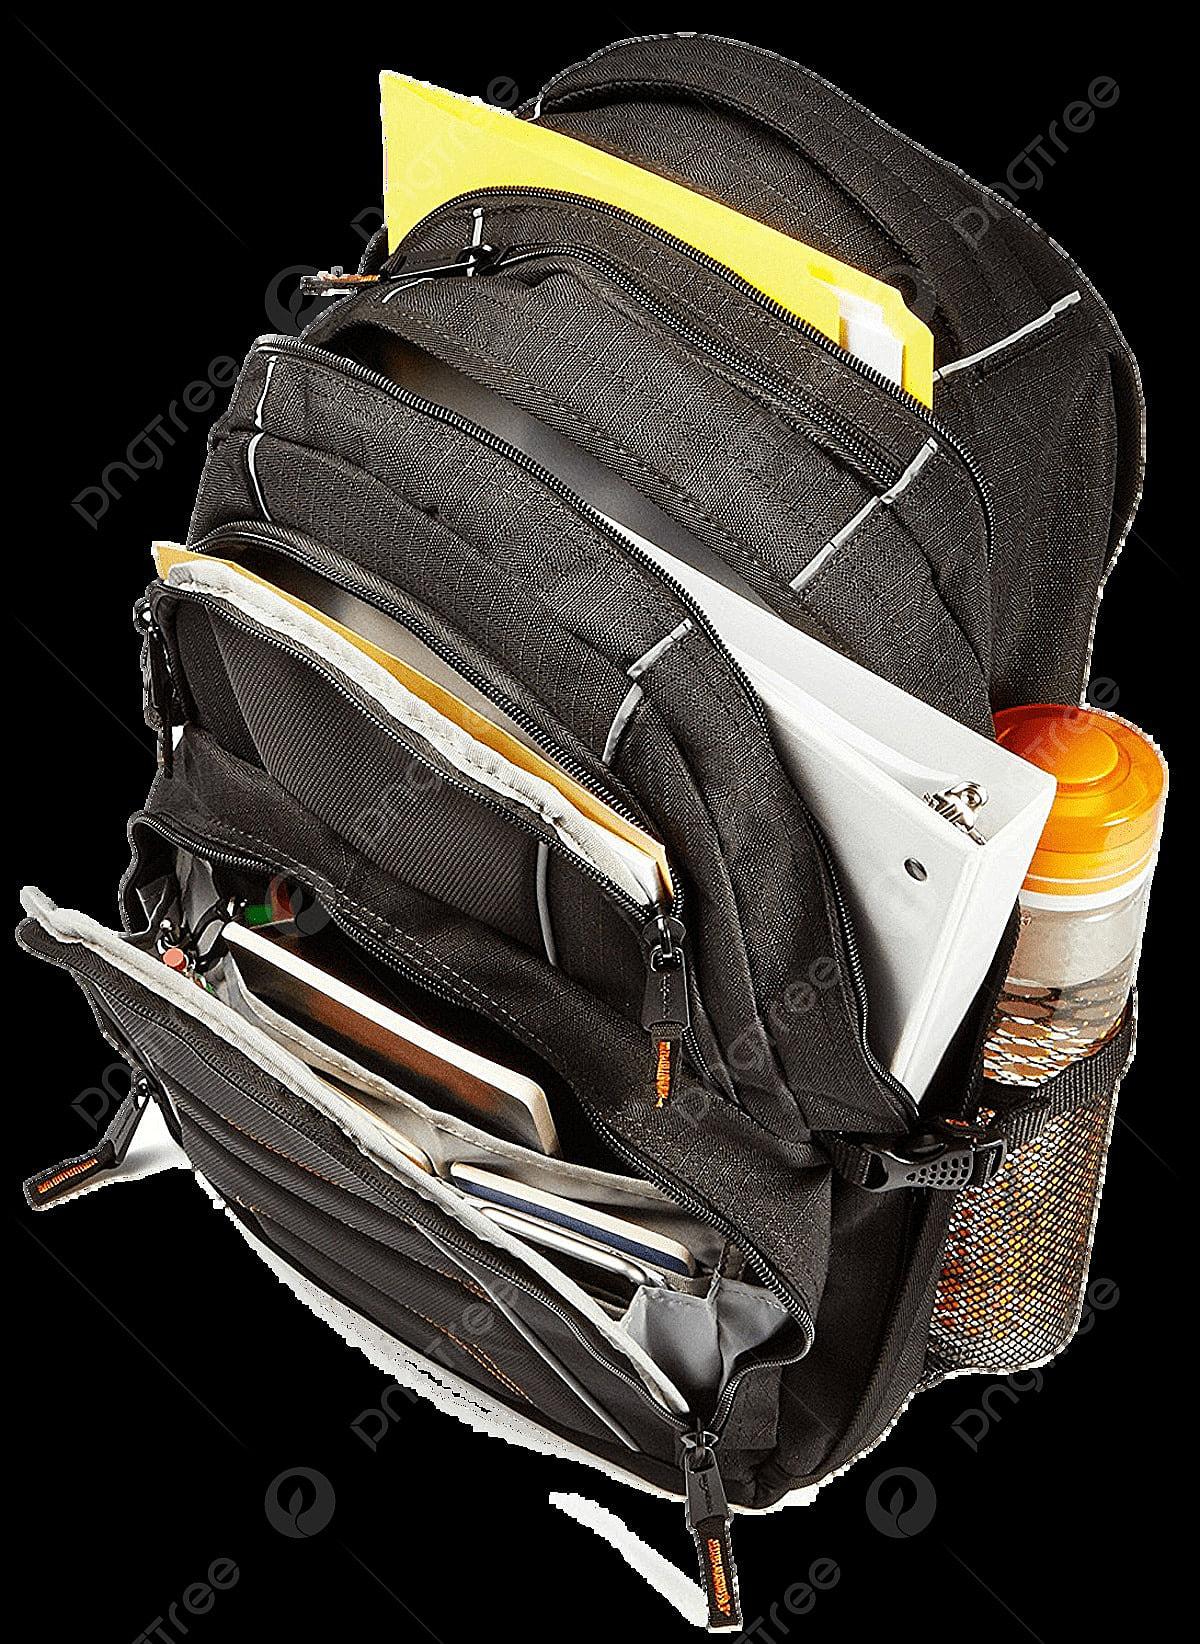 Multi Funktions Rucksack Picture Element Rucksack Schoolbag Buch Png Und Psd Datei Zum Kostenlosen Download